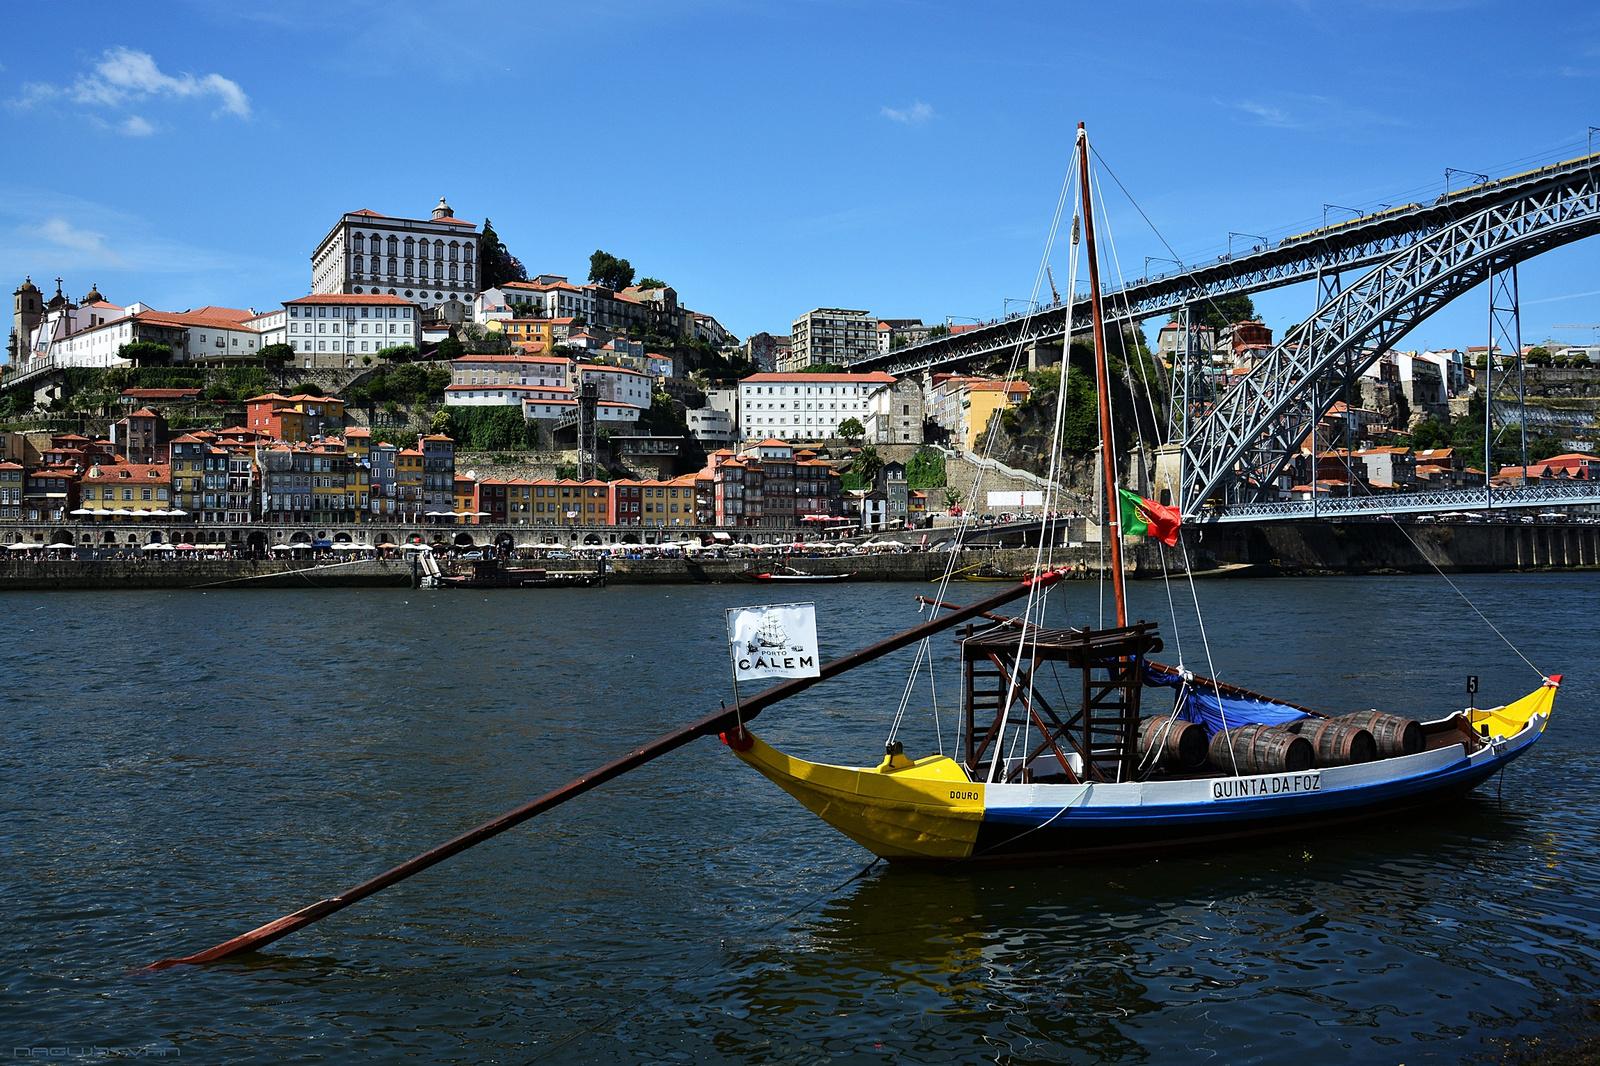 Wine Boats on River Douro in Porto